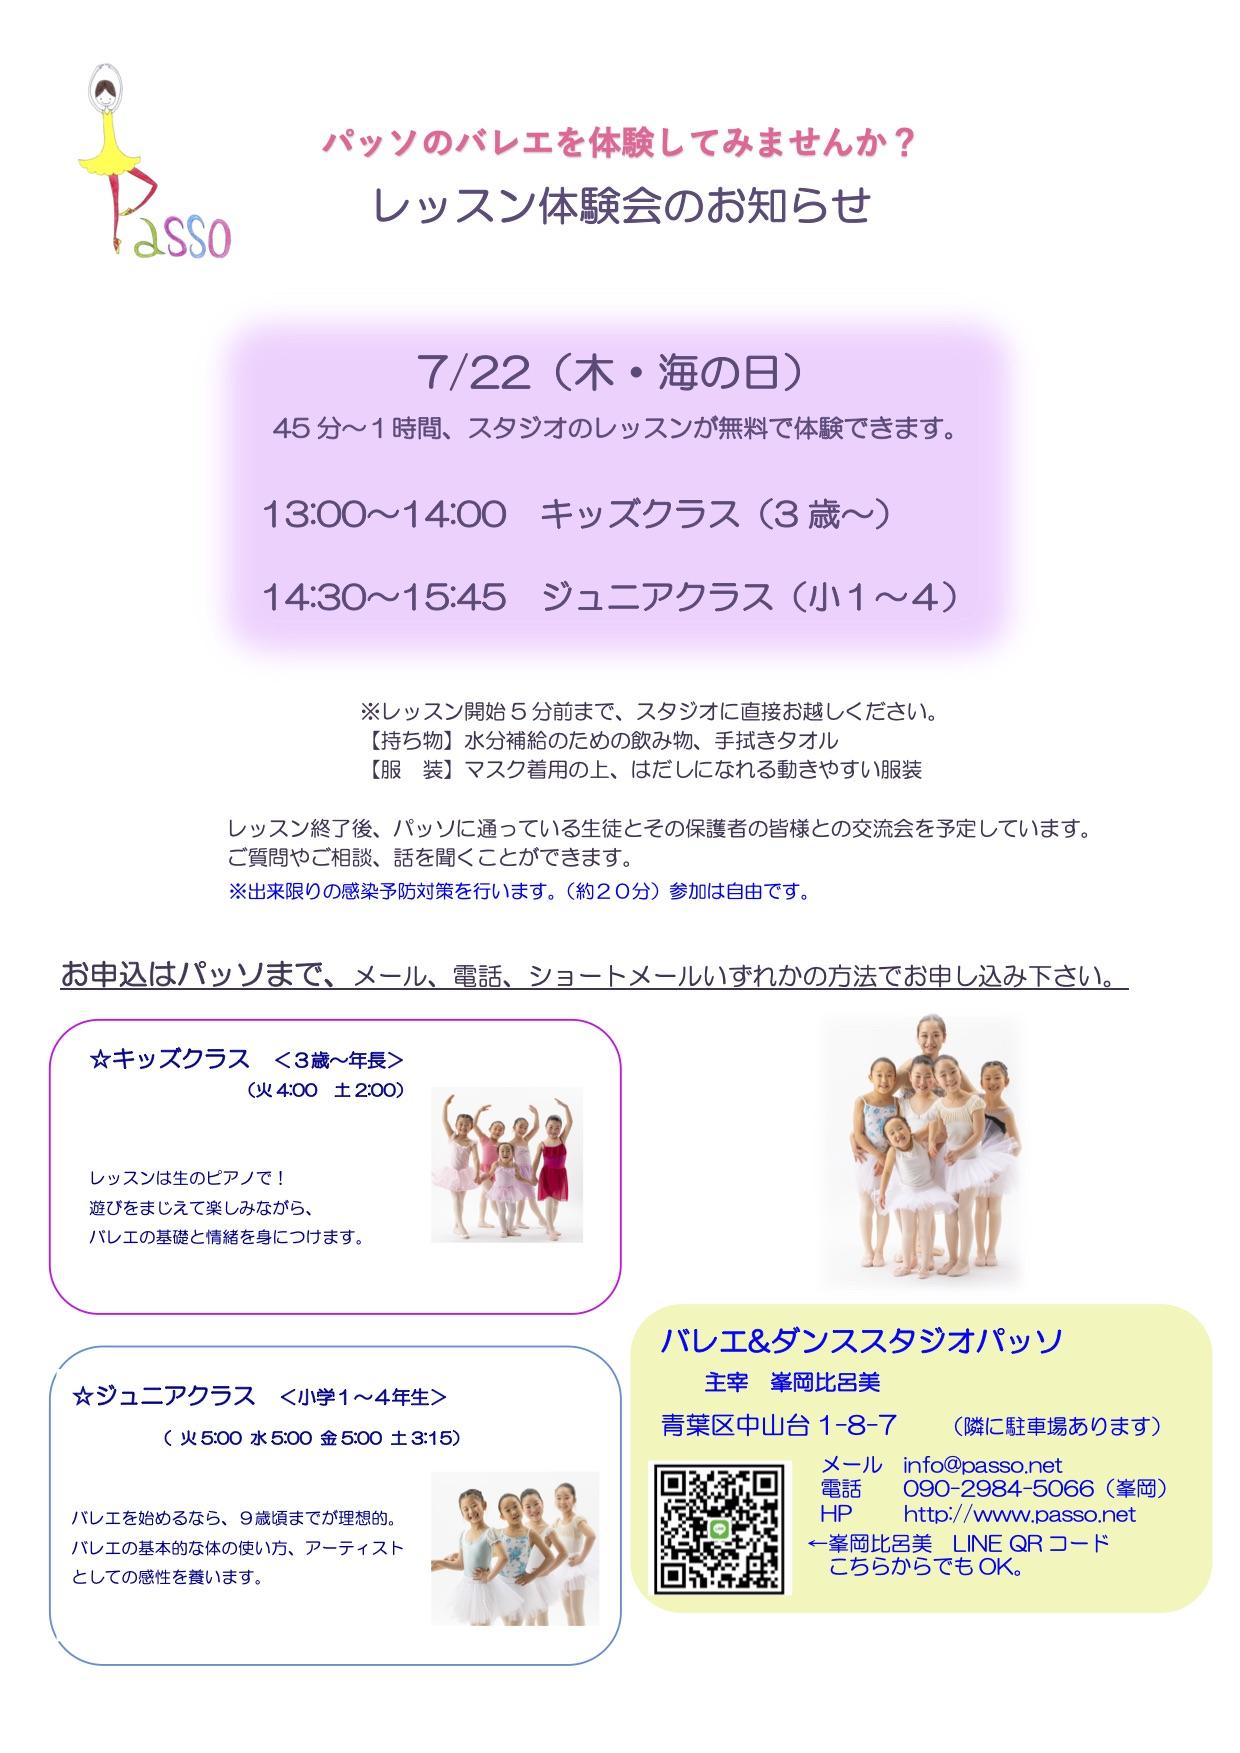 7/22開催 レッスン体験会のお知らせ